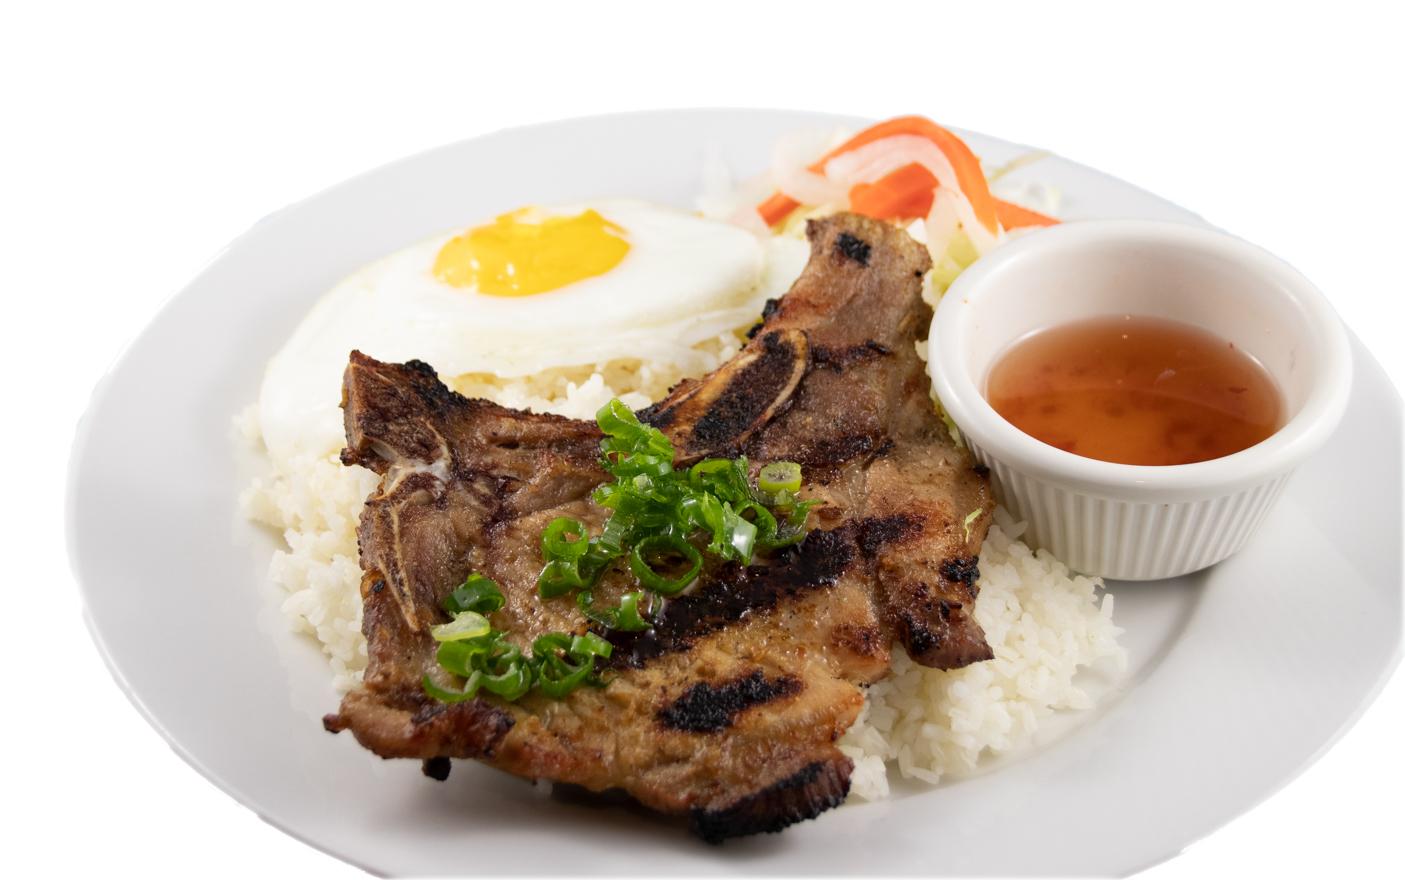 Cơm sườn trứng ốp la – Barbequed pork chop and sunny-side-up egg with rice